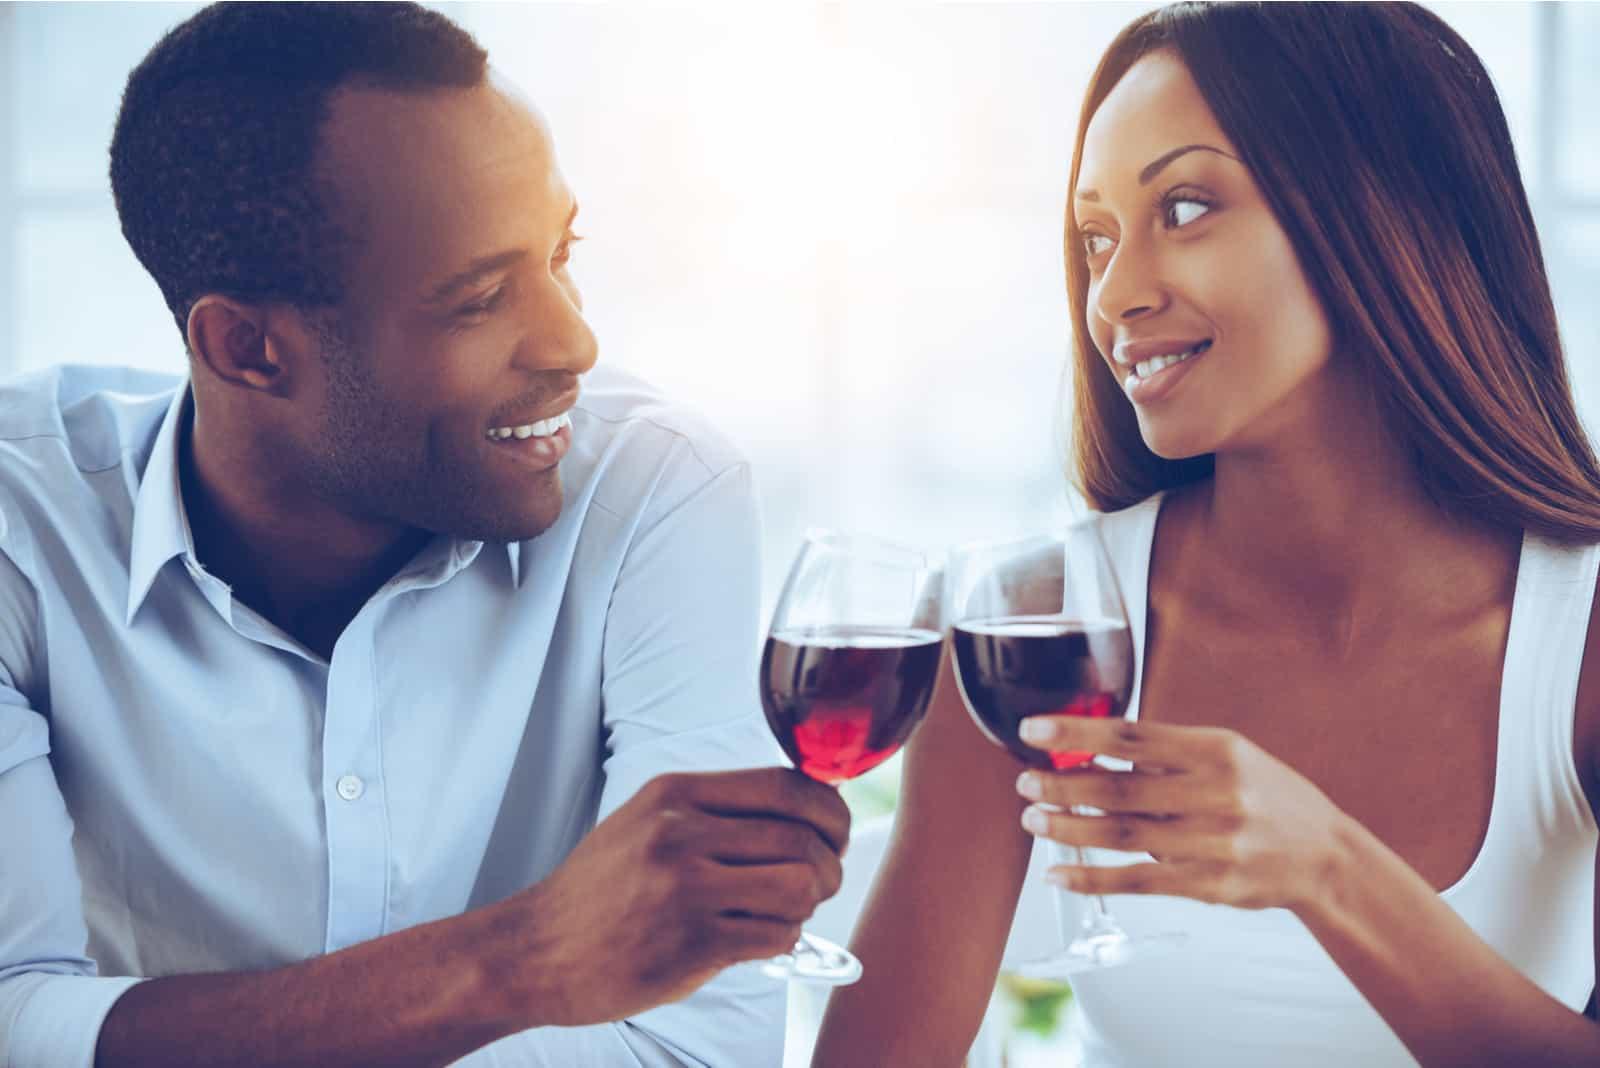 l'homme et la femme trinquent avec du vin et rient